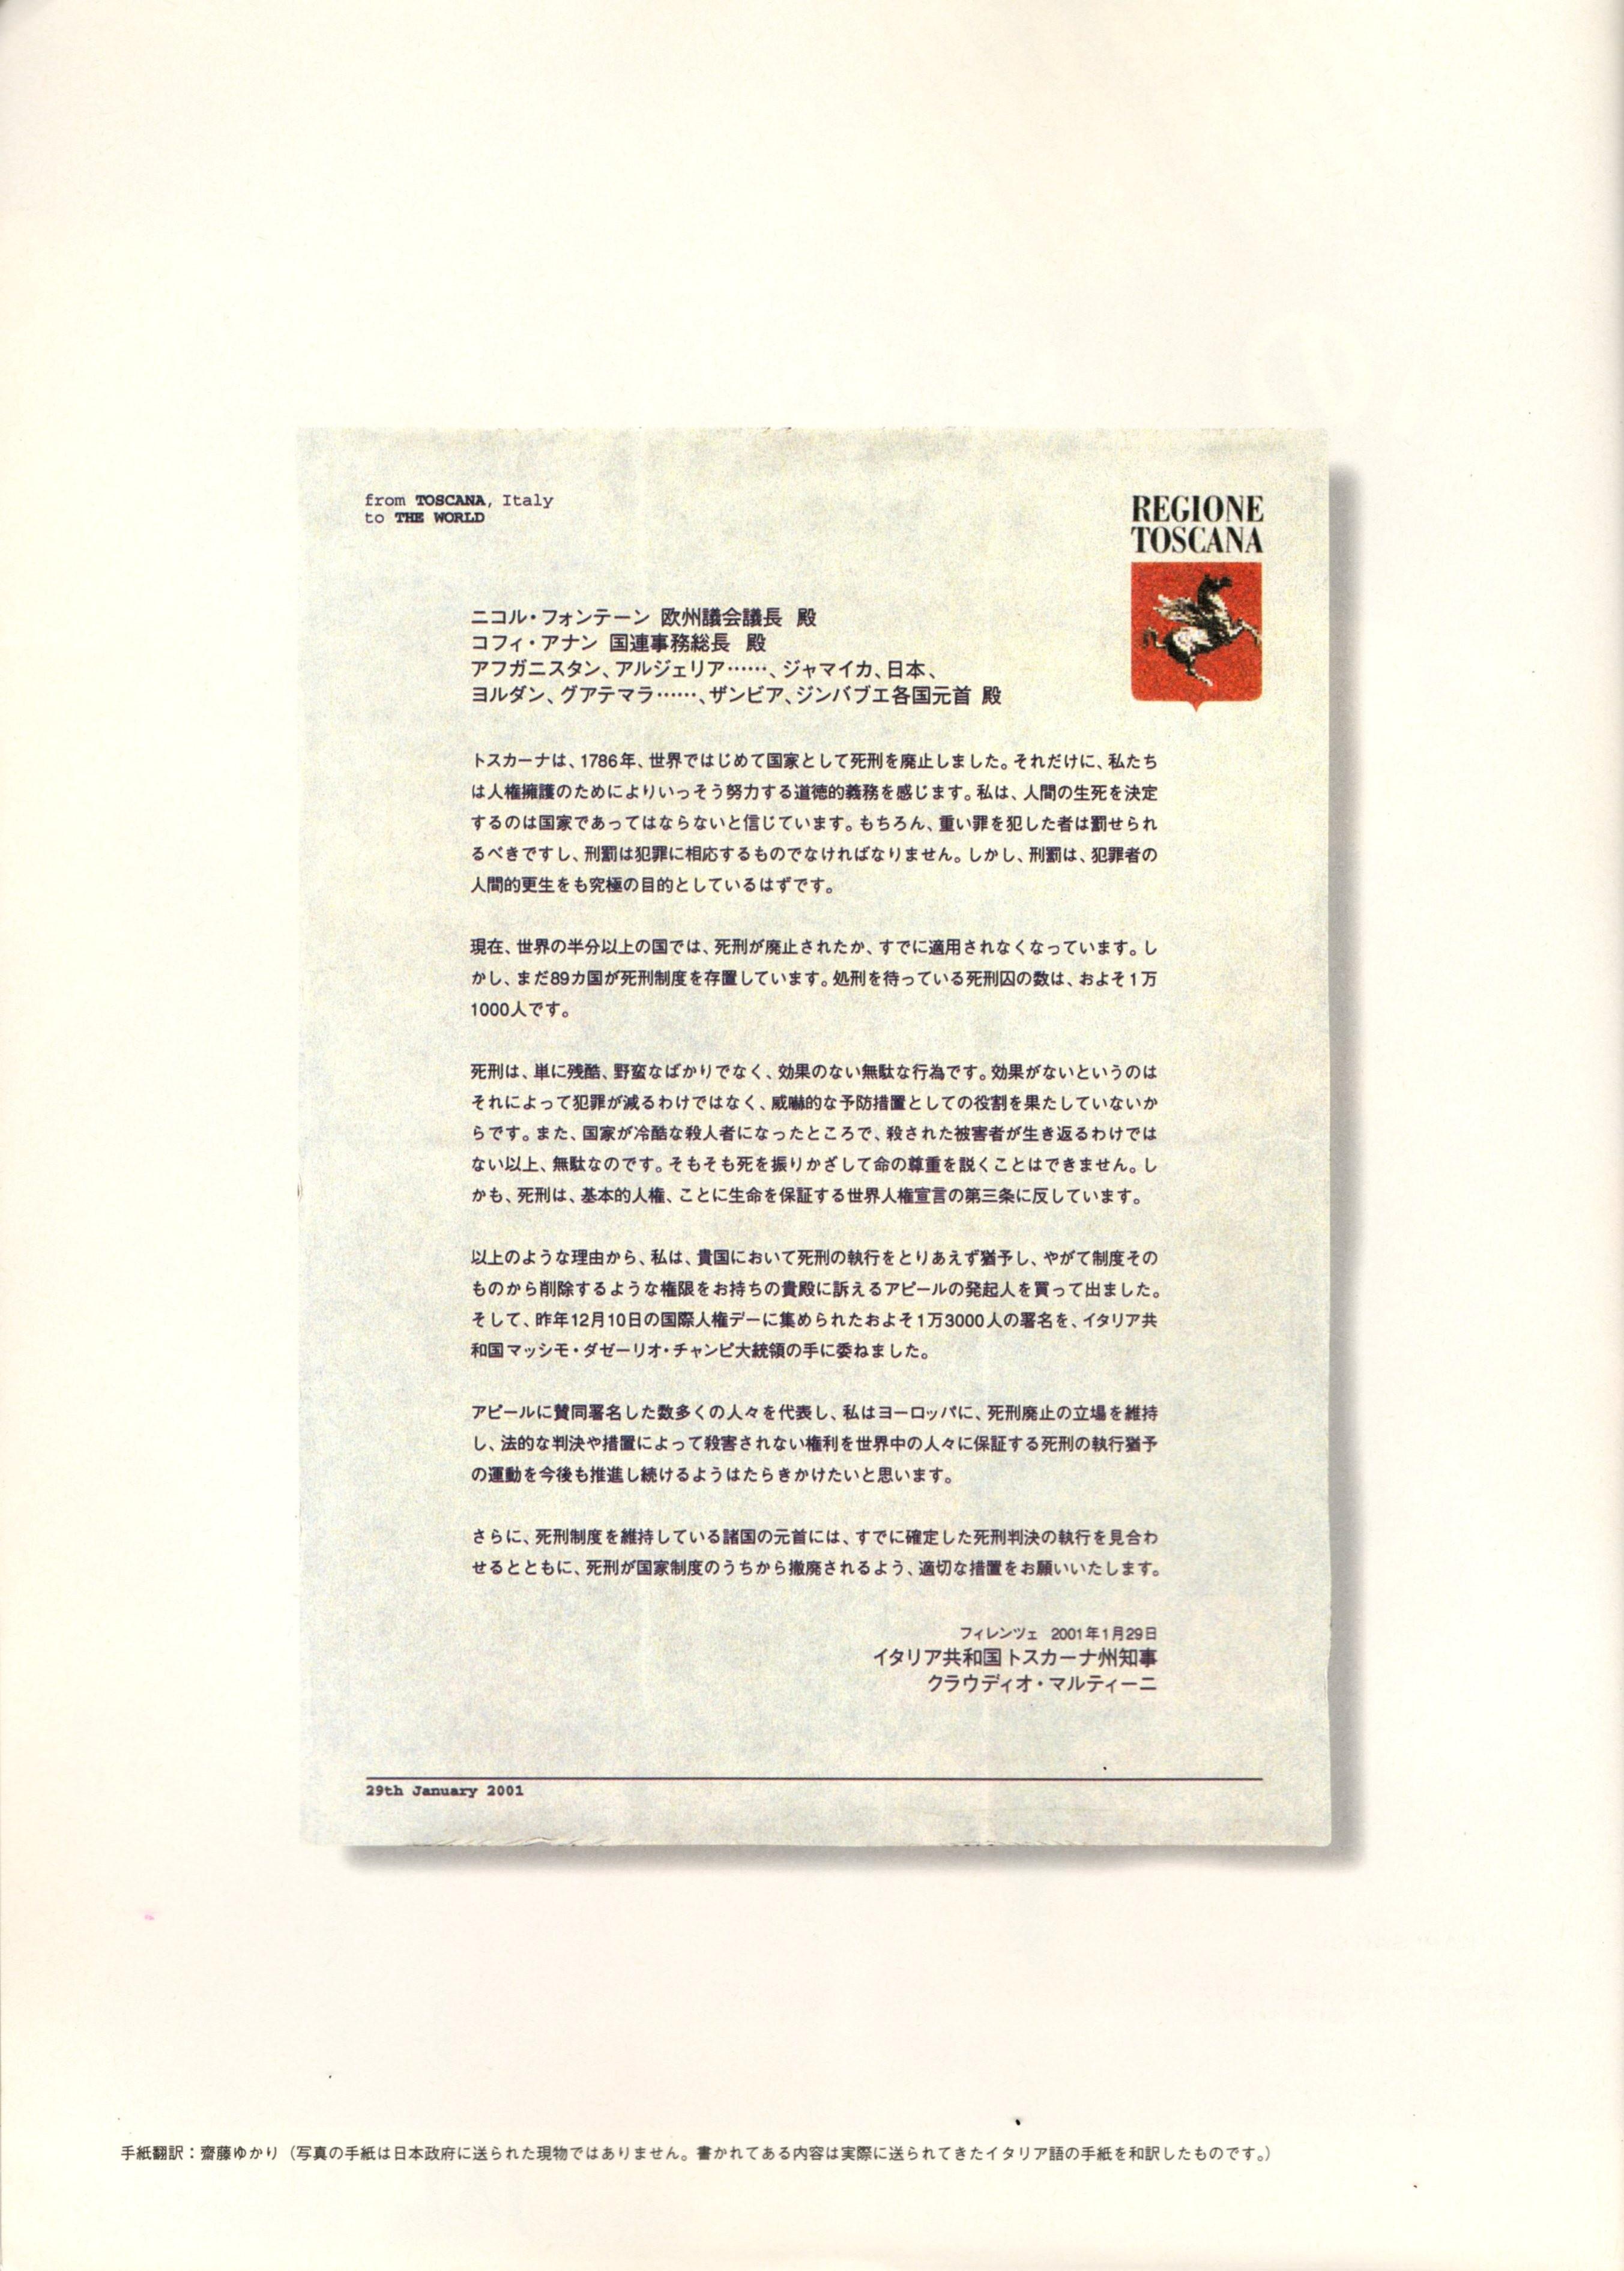 Lettera dal presidente della Regione Toscana dell'epoca, Claudio Martini, al pubblico giapponese